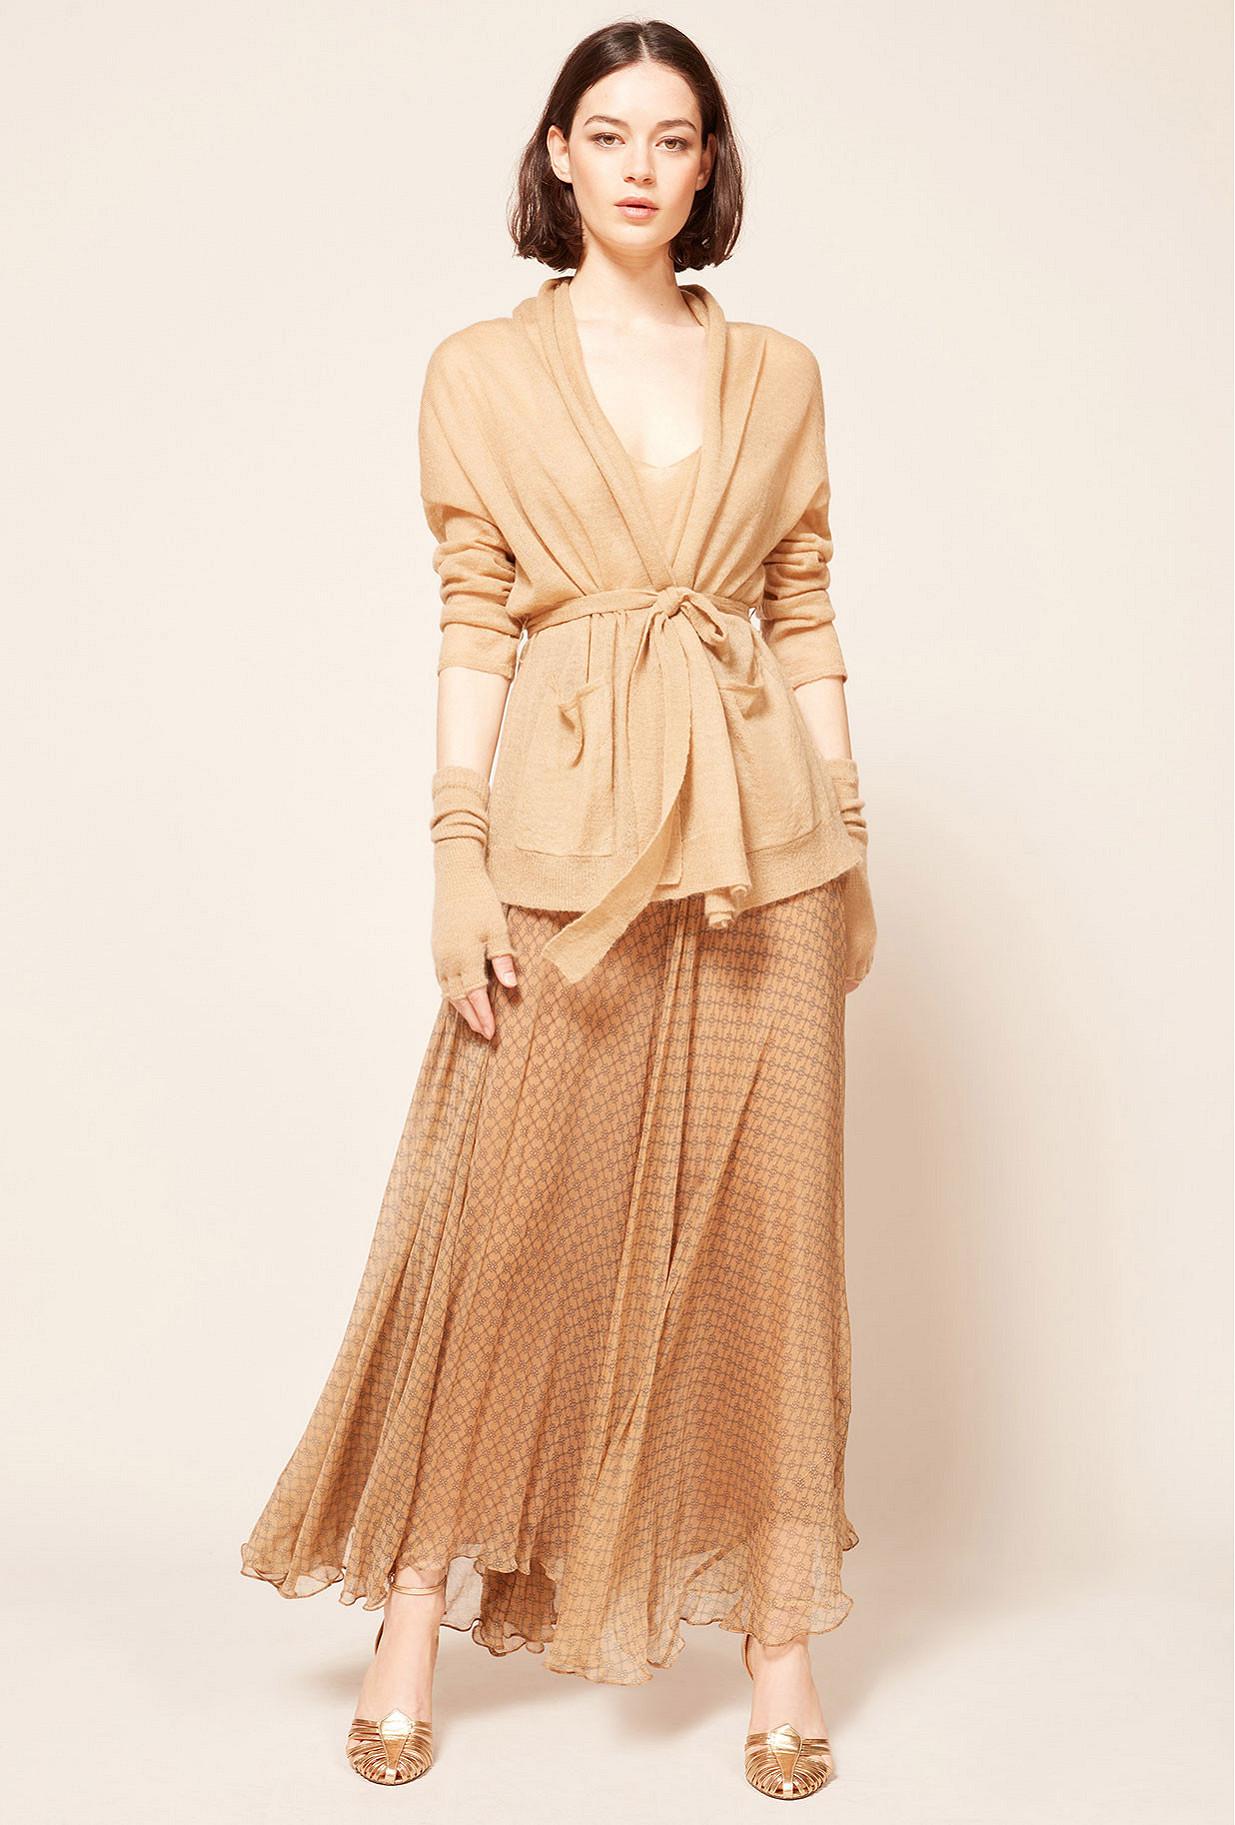 Paris boutique de mode vêtement Cardigan créateur bohème  Saxofon